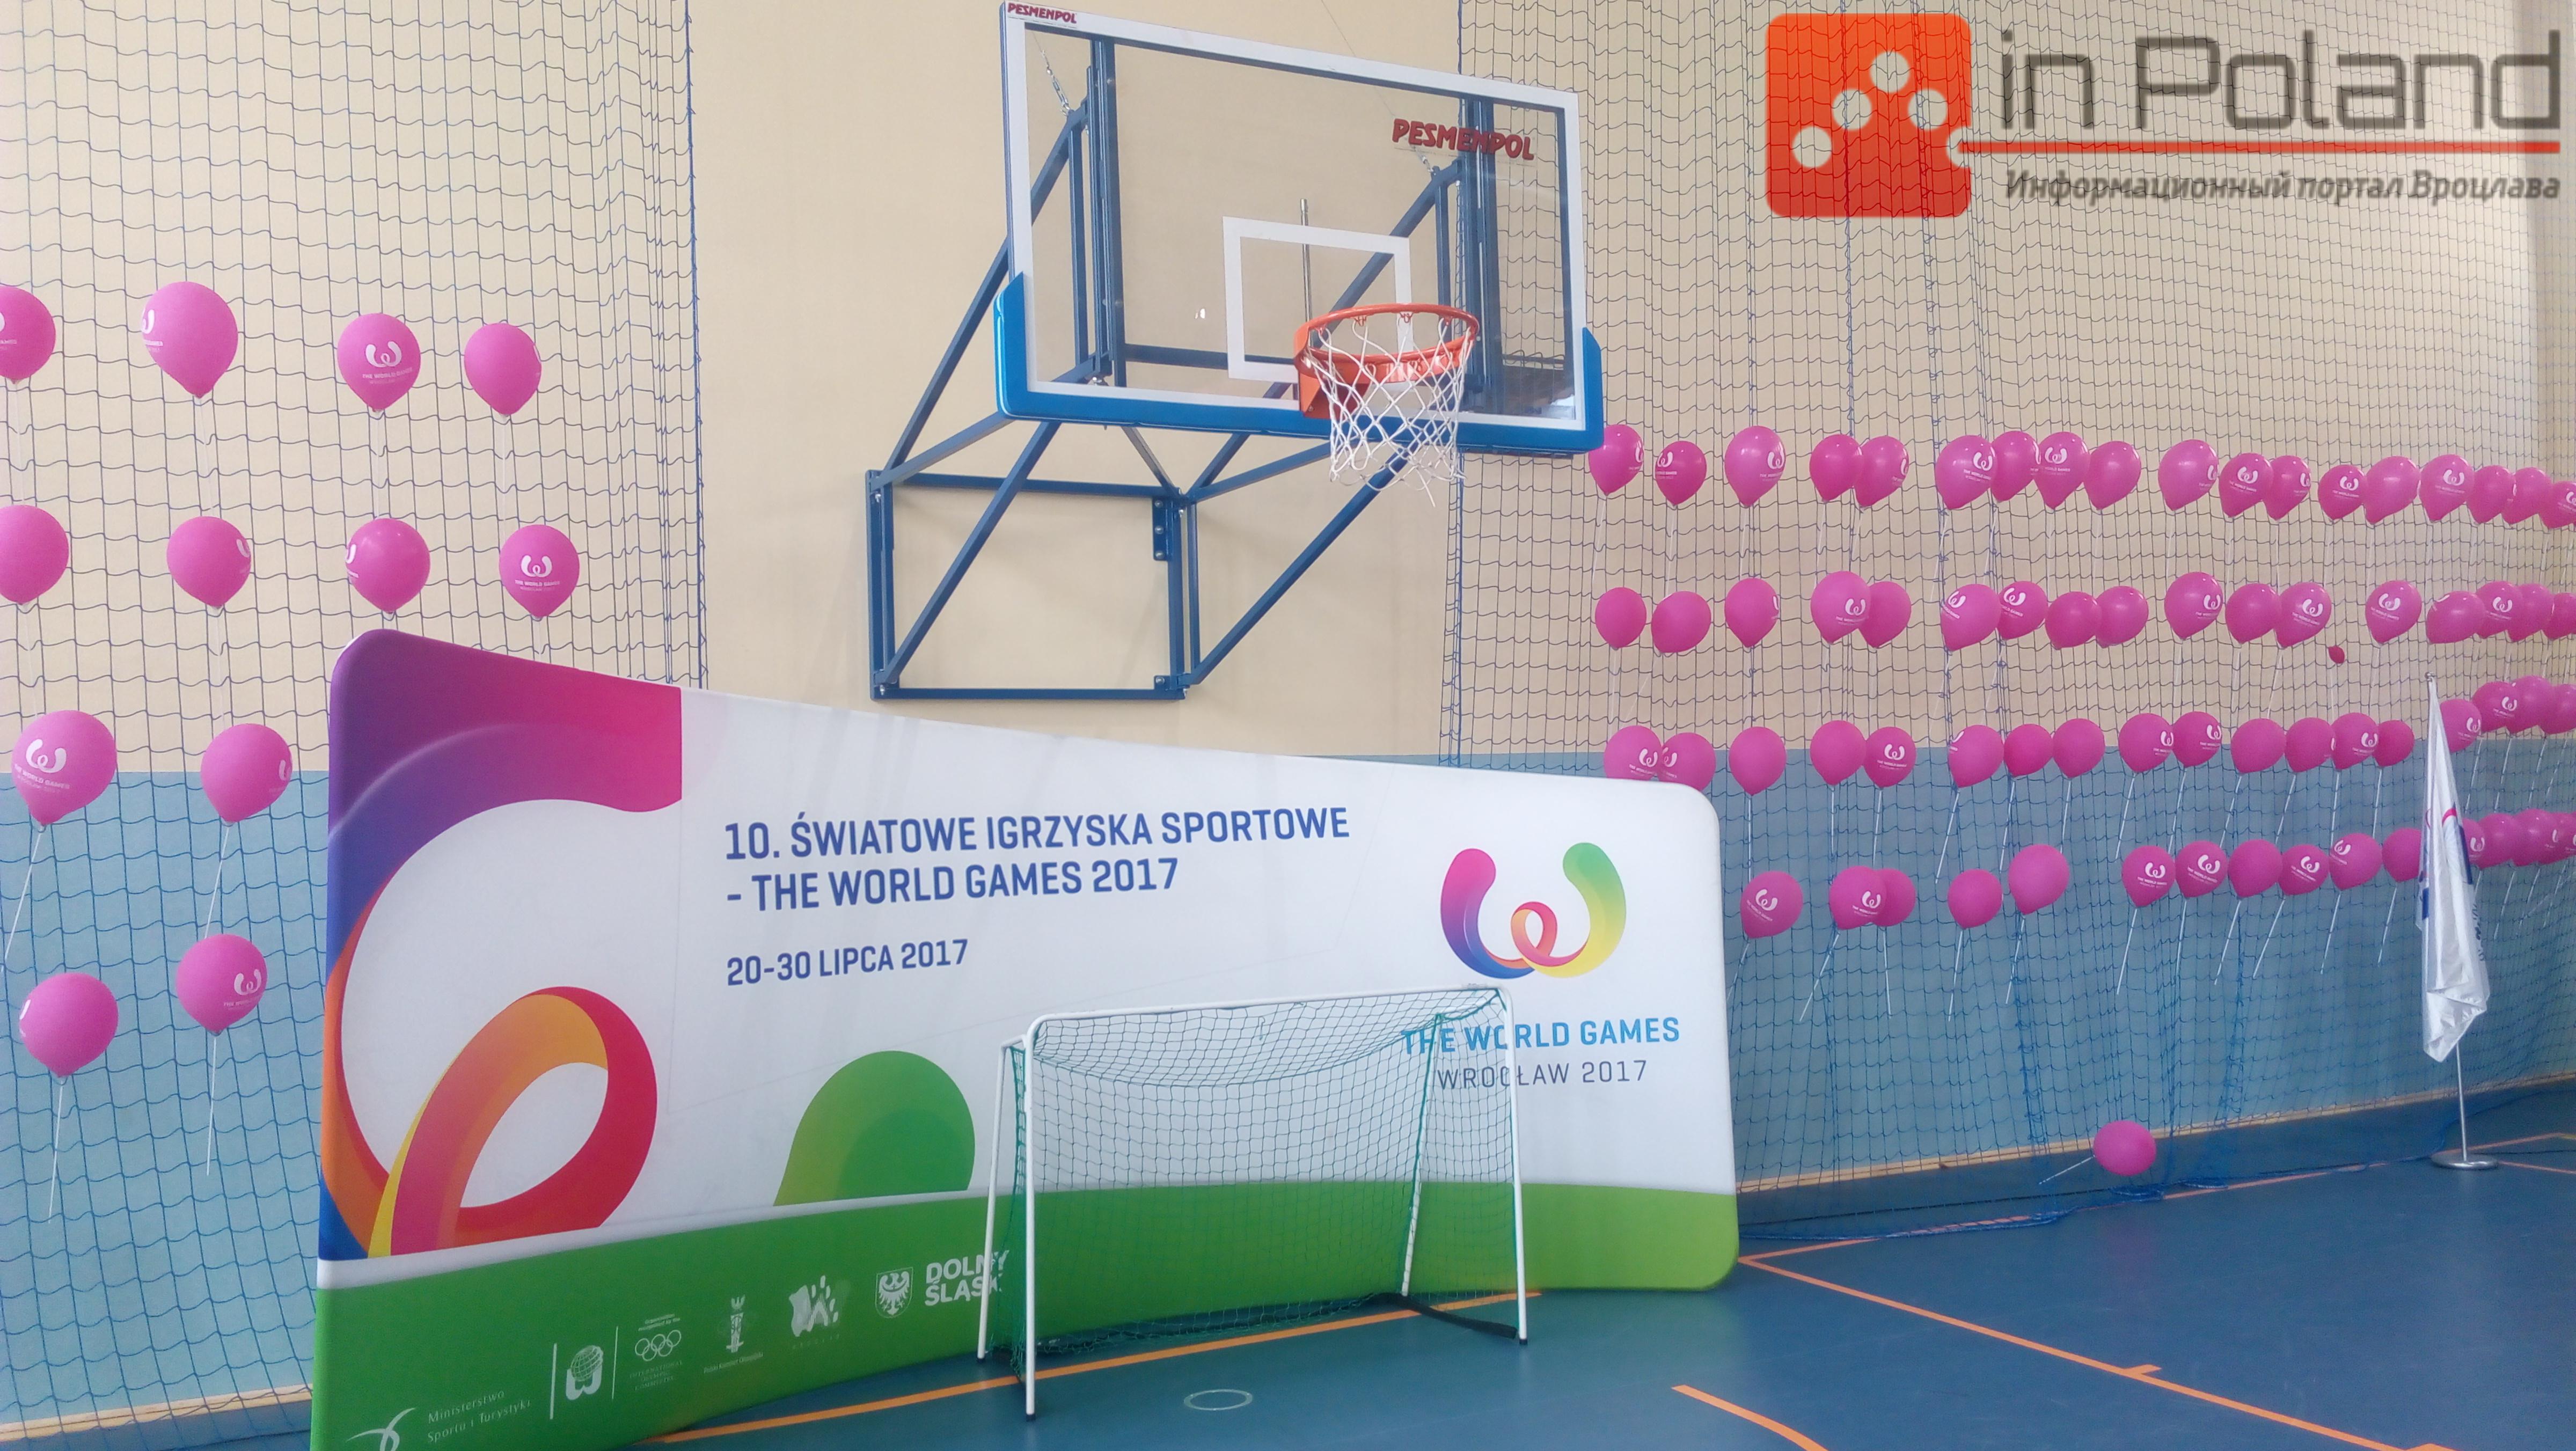 Спортинву залу однієї з вроцлавських шкіл оновлено під паторонатом Всесвітніх ігор-2017